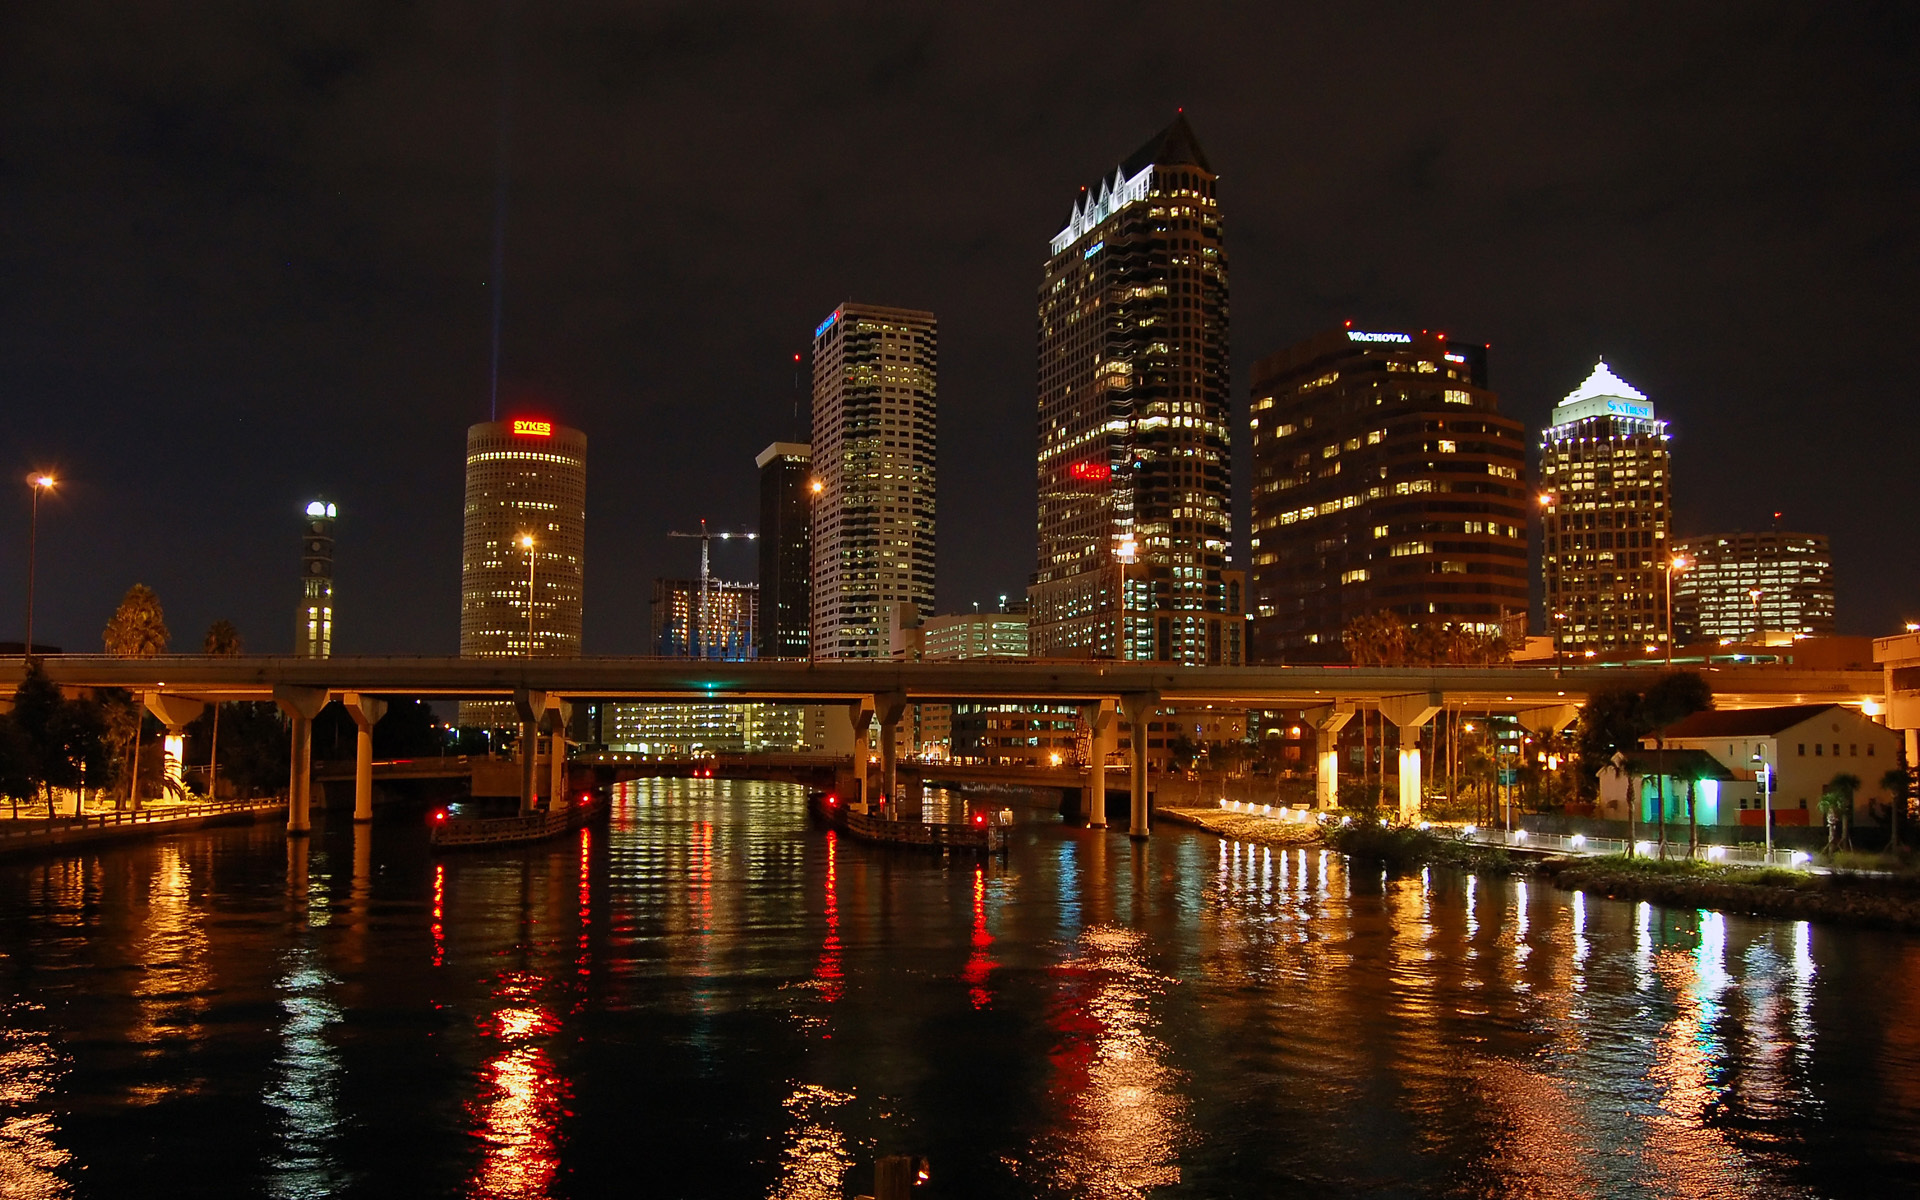 фото ночного города на рабочий стол ускорить процесс